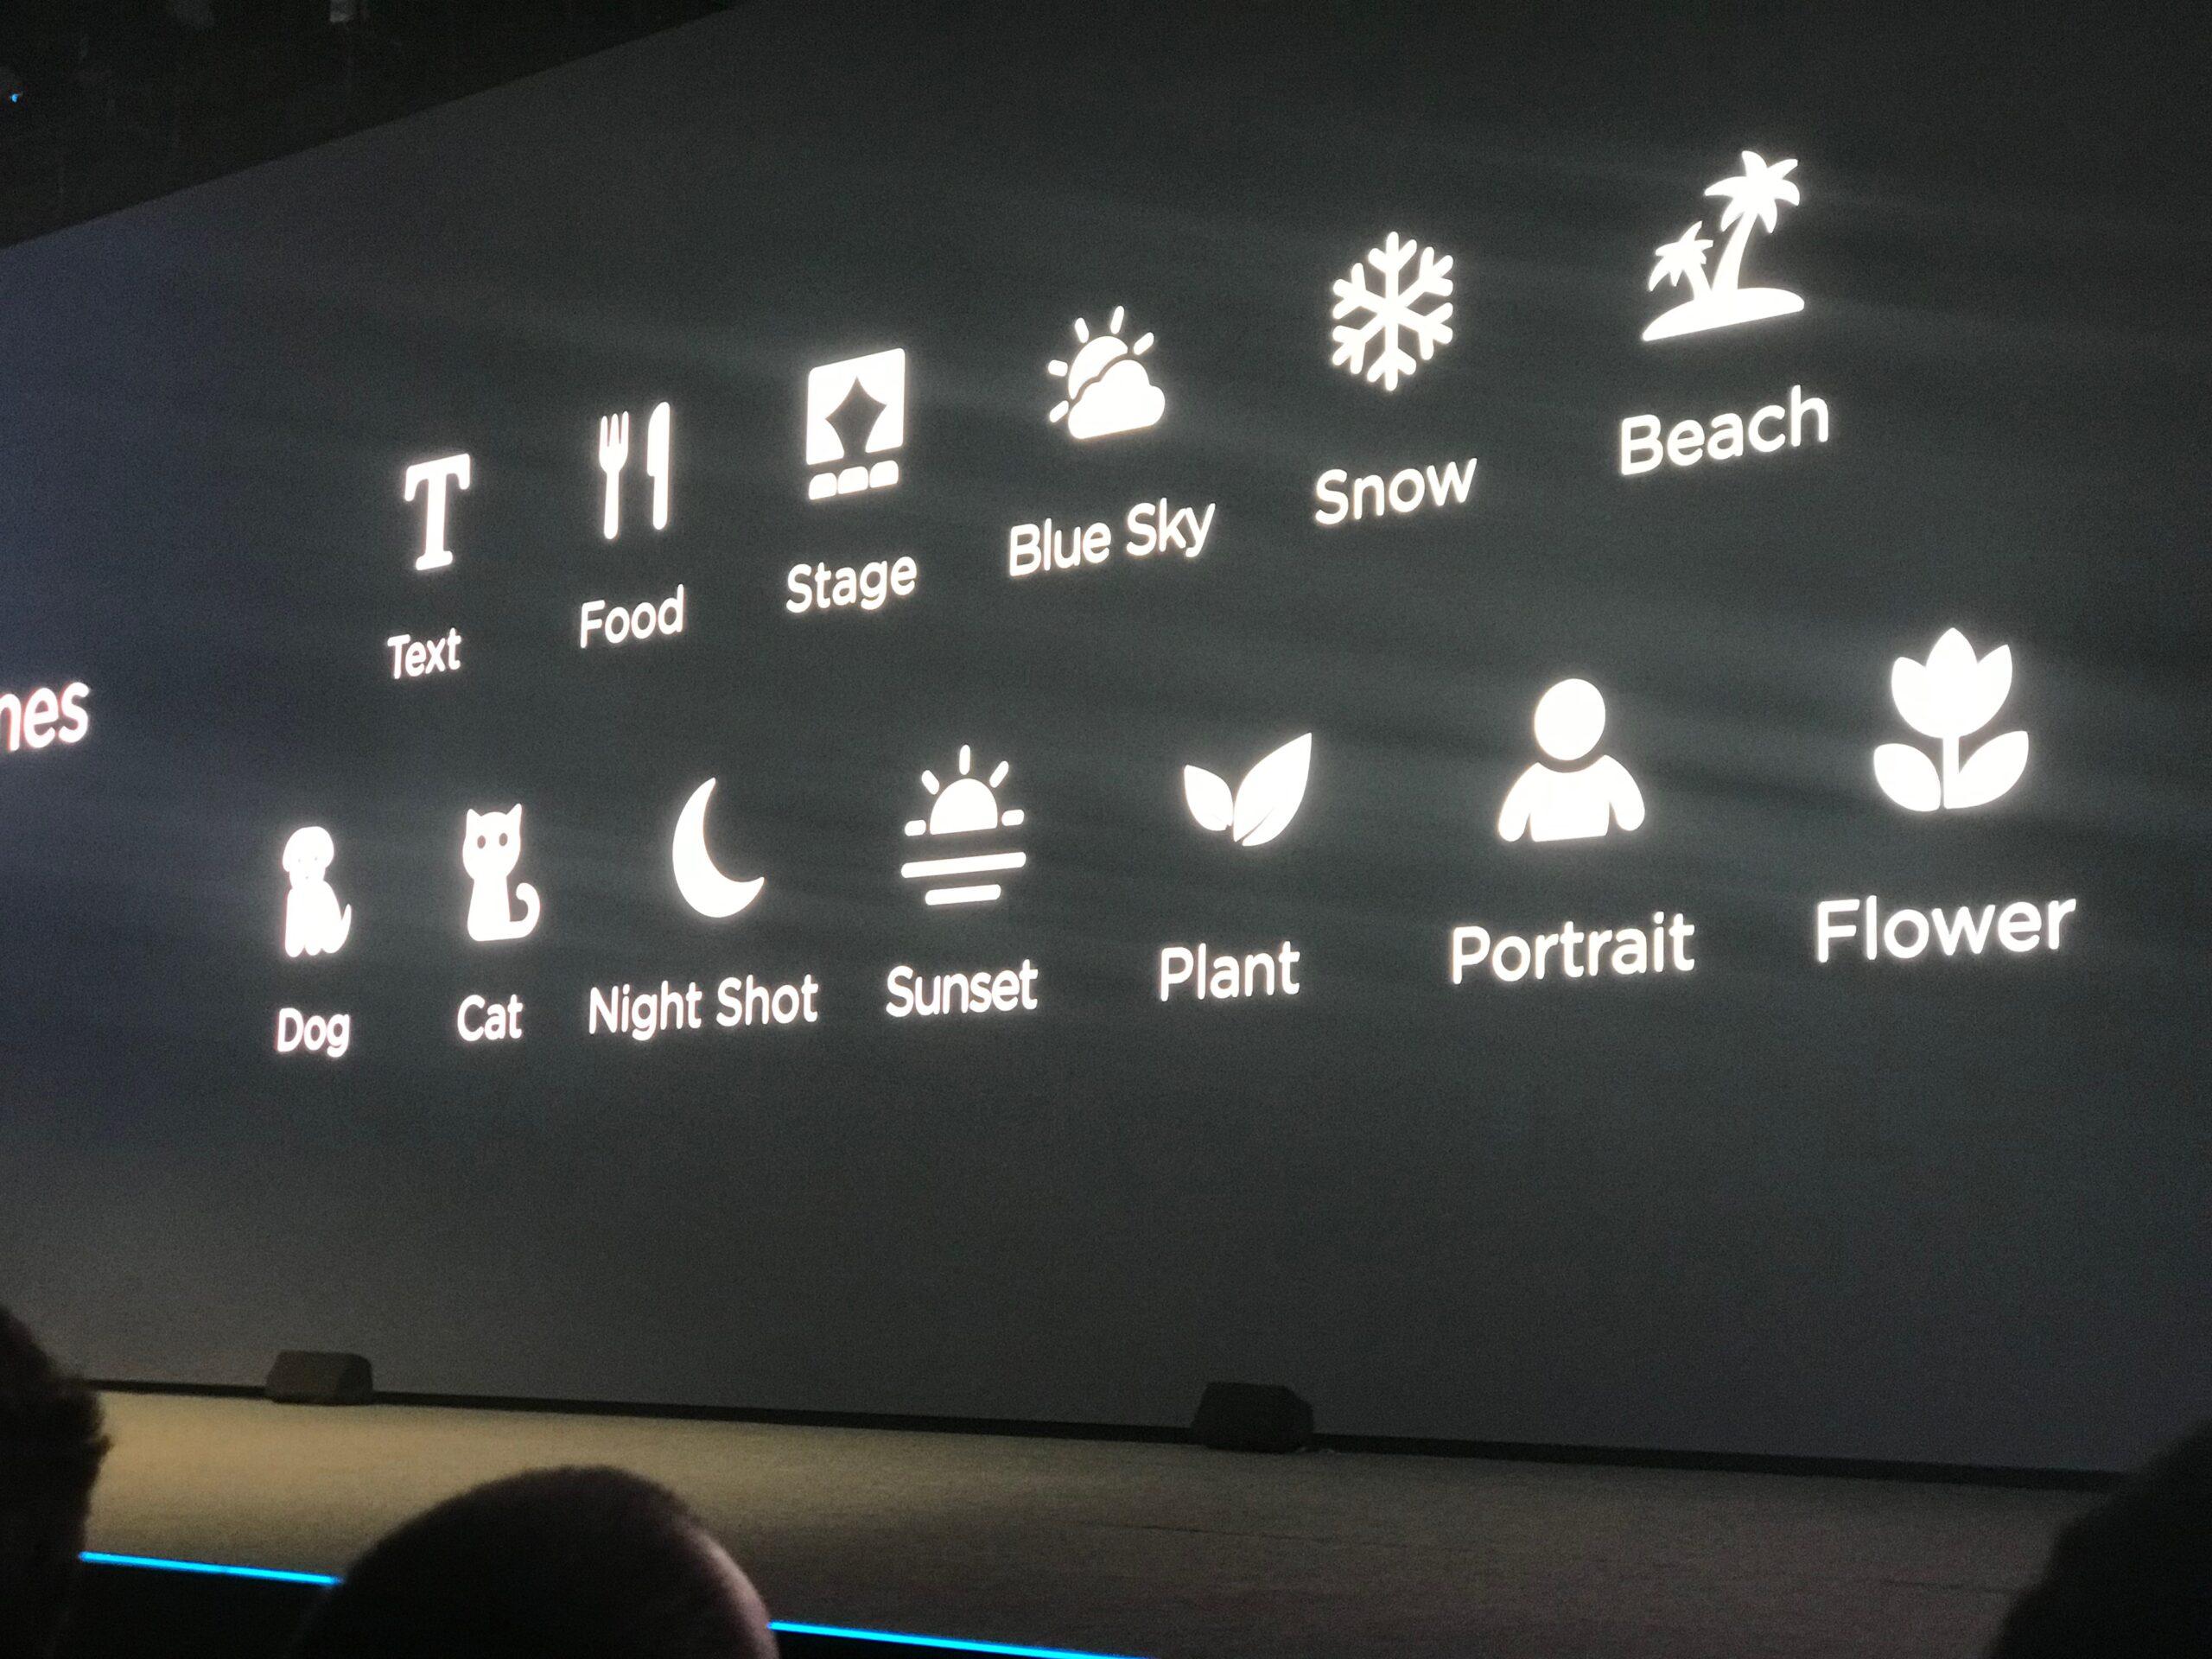 Os tipos de objectos e cenas reconhecidos pelo sistema de inteligência artificial